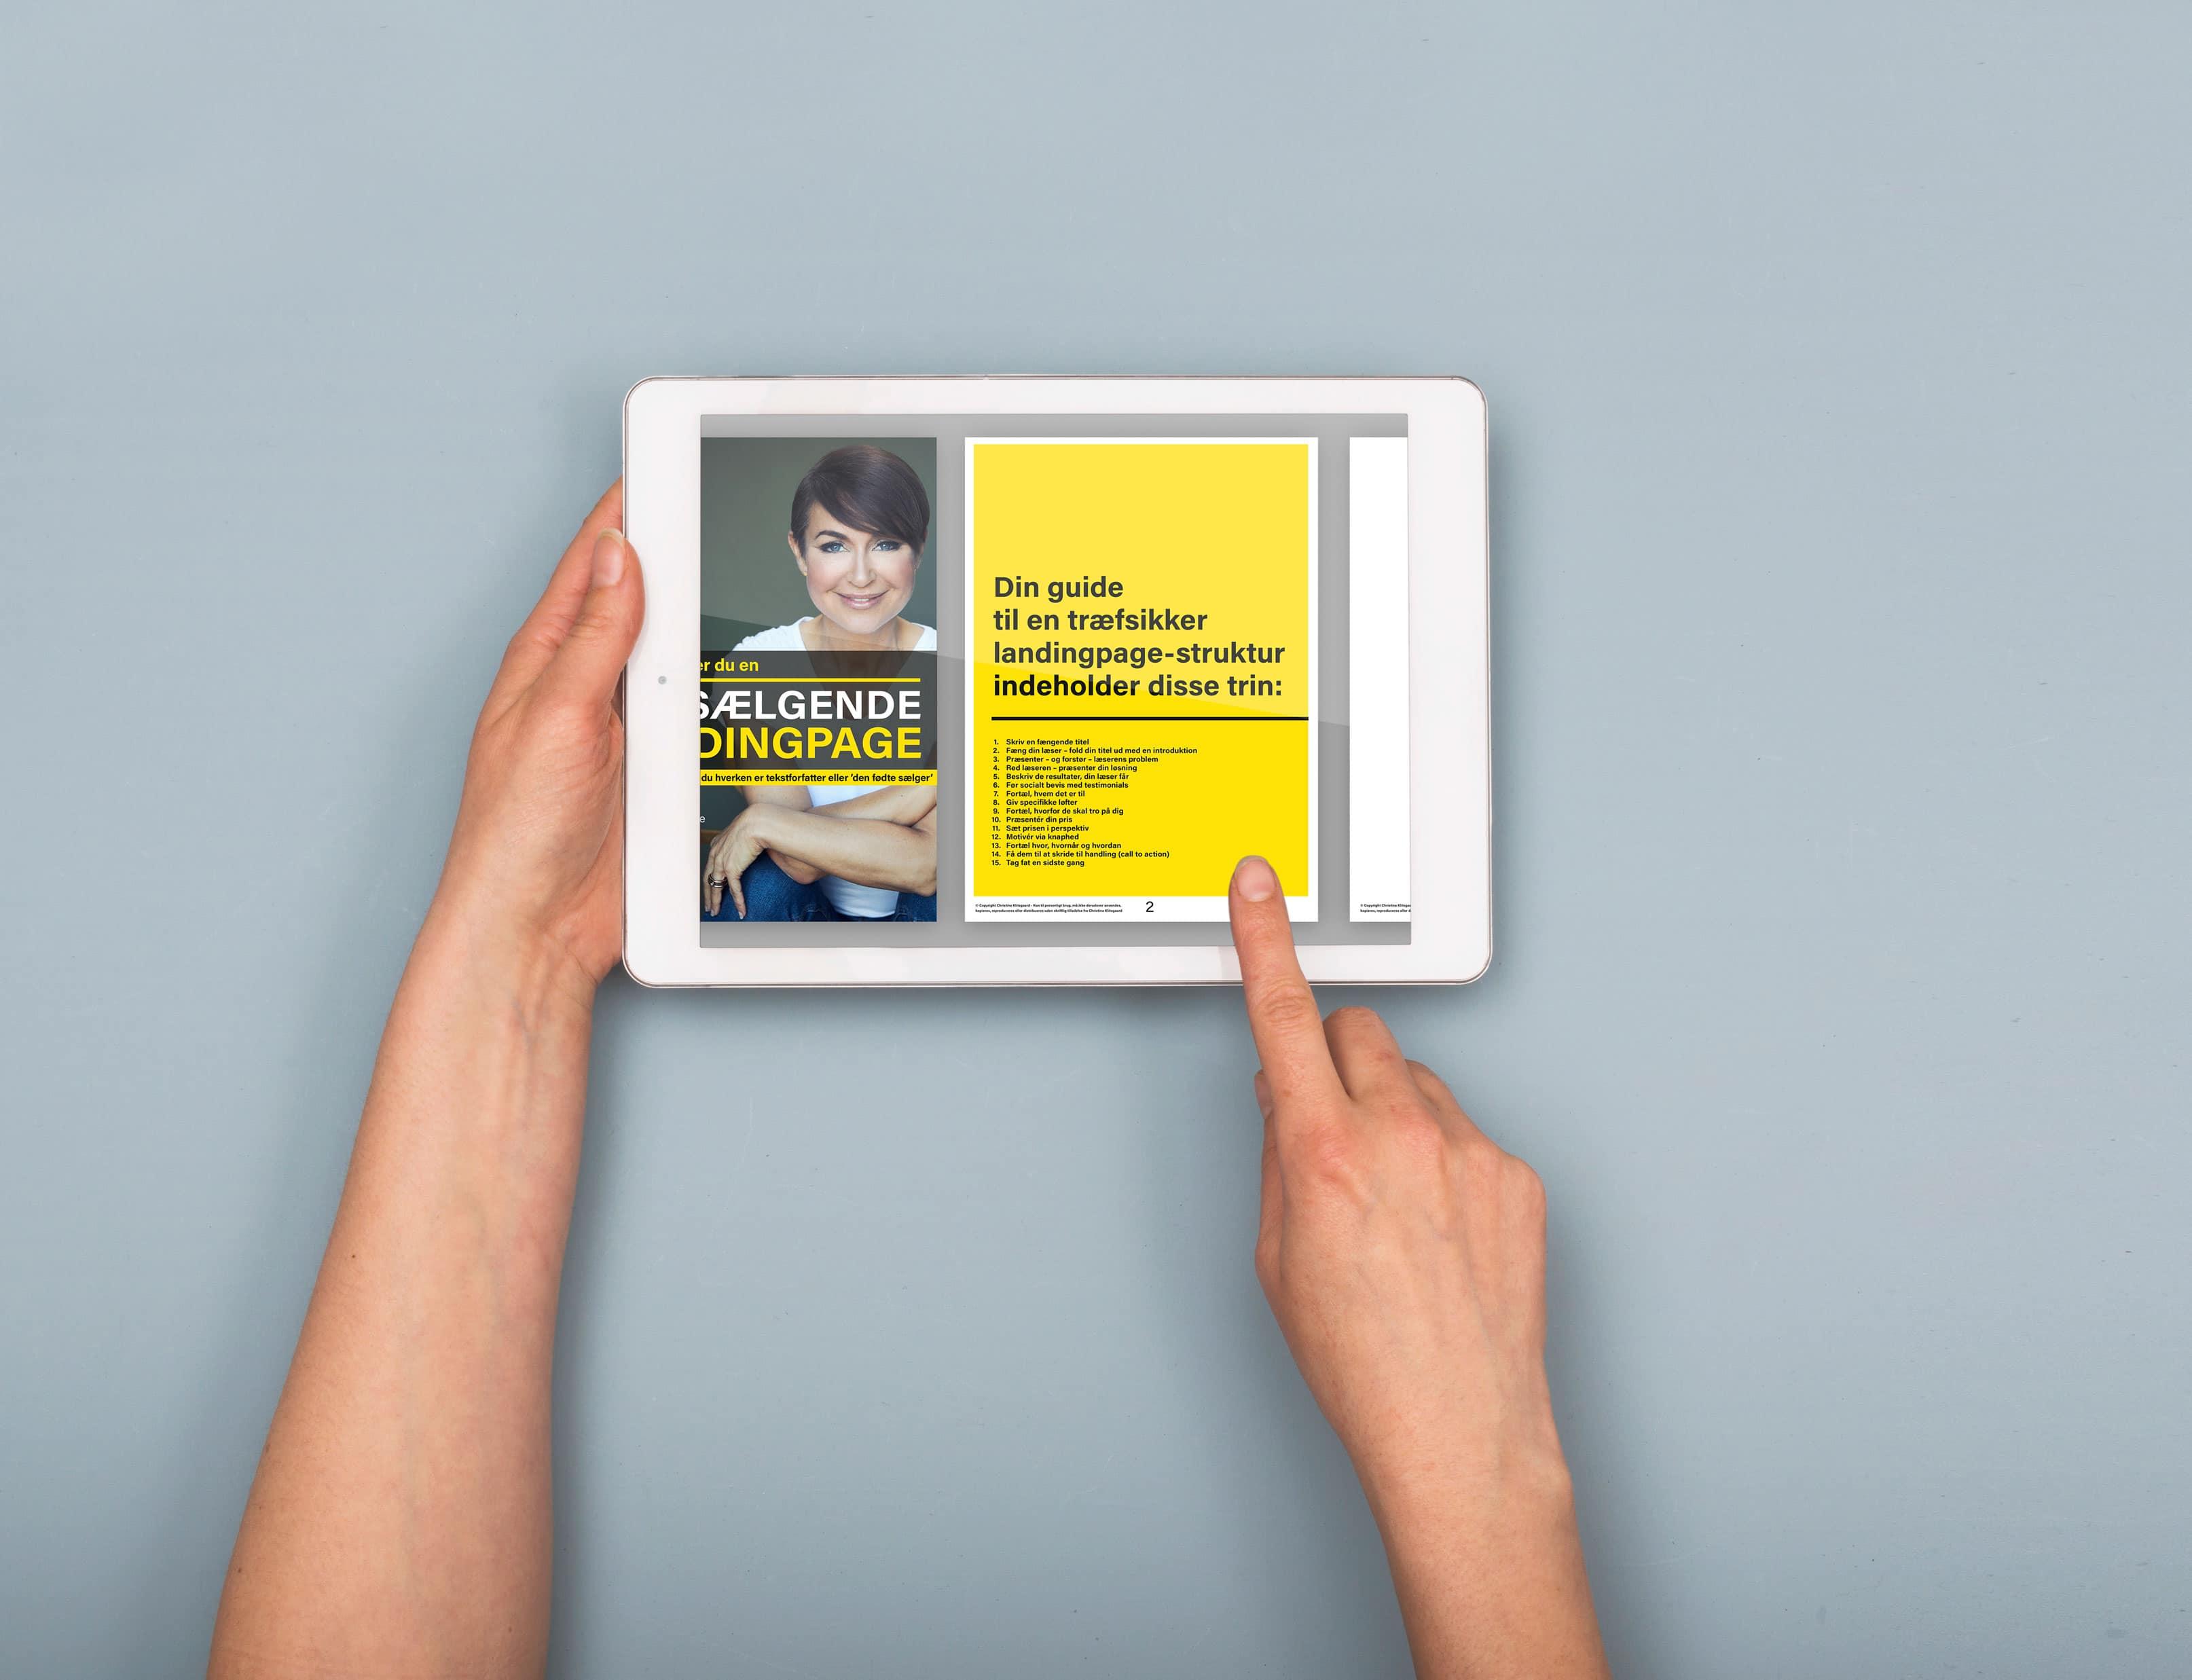 Topsælgende Landingpage på iPad